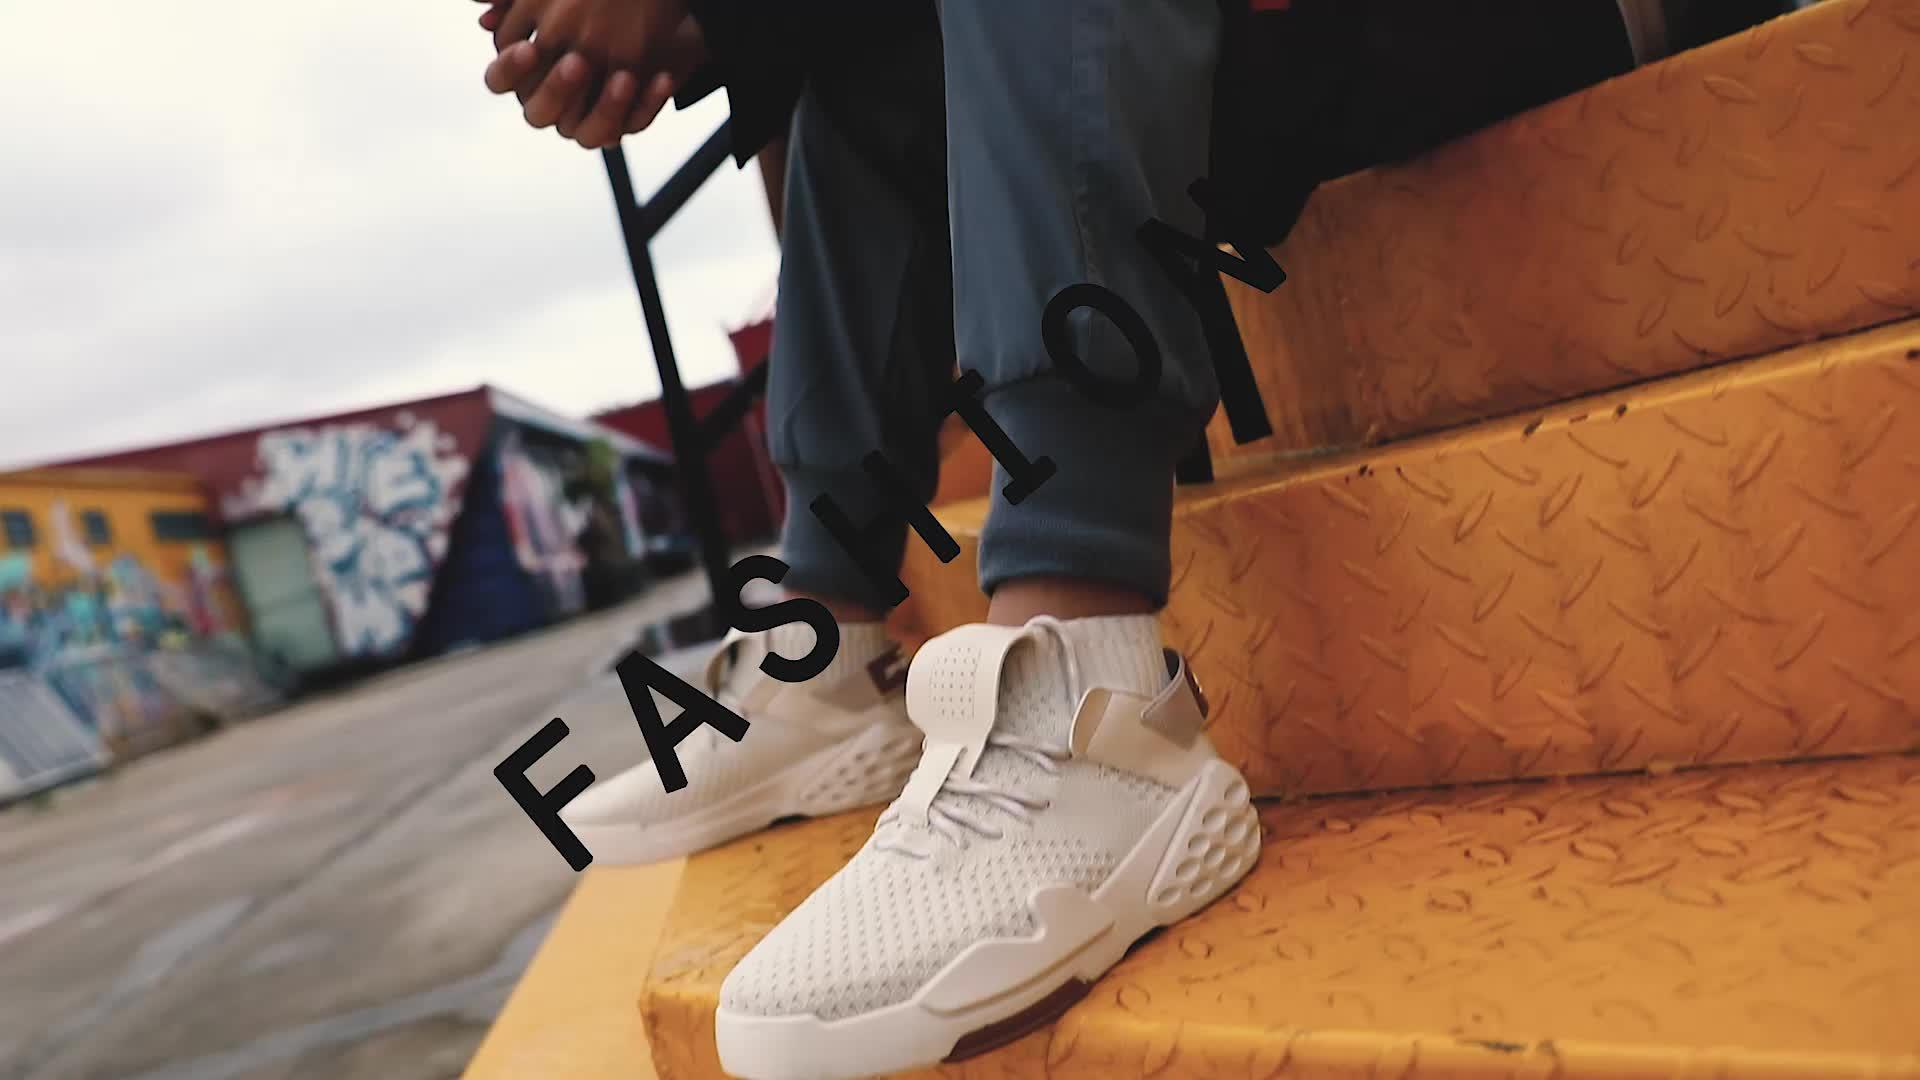 2019 özel ayakkabılar Erkekler Moda Sneakers Beyaz Örgü Nefes spor ayakkabılar Rahat Düşük Üst Dantel Up